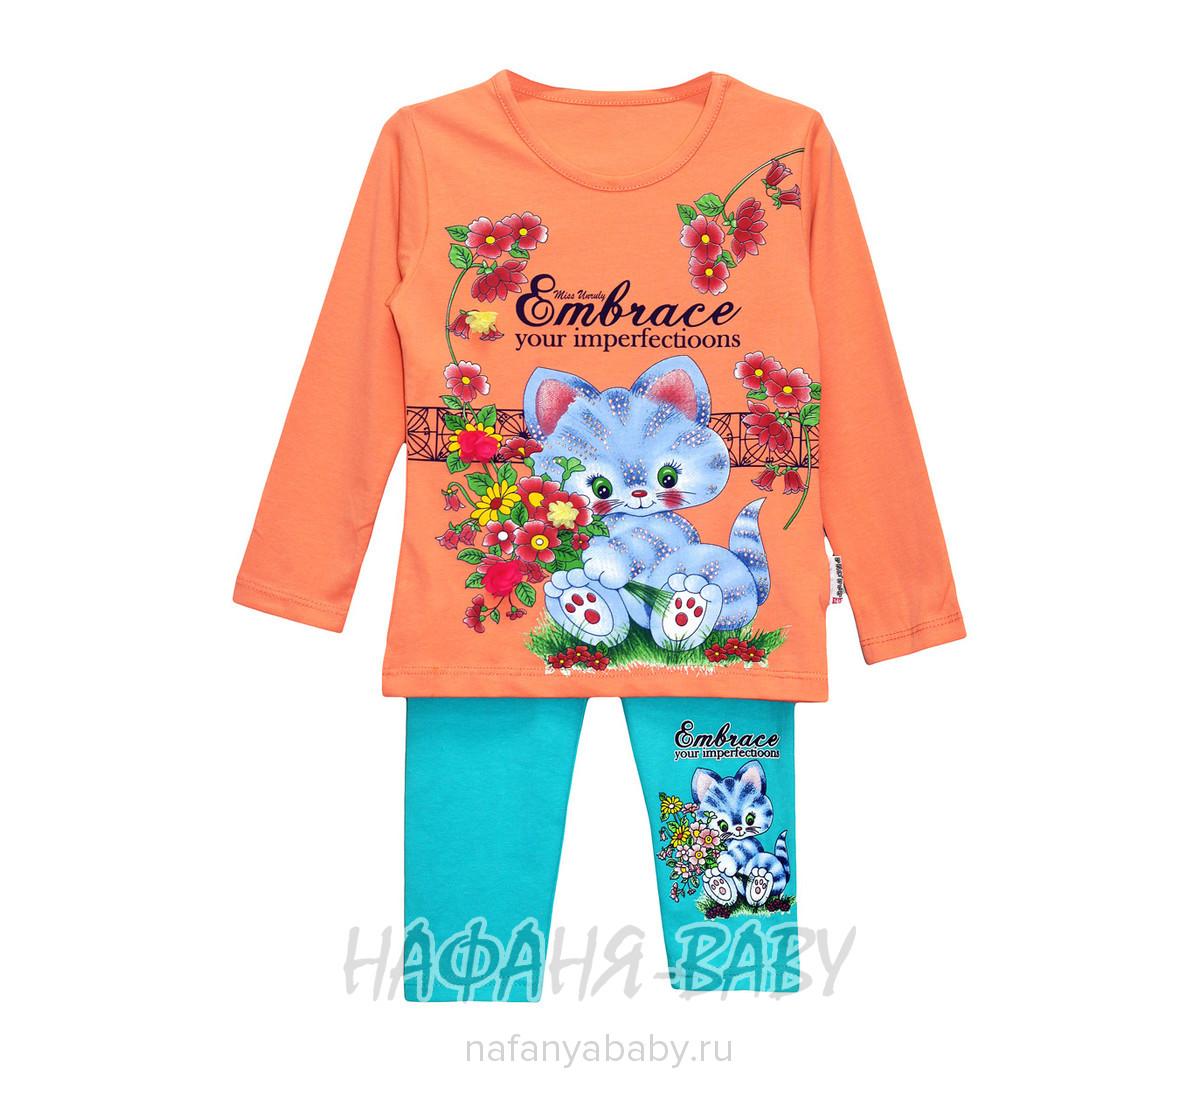 Детский костюм UNRULY арт: 5173, 1-4 года, 5-9 лет, оптом Турция